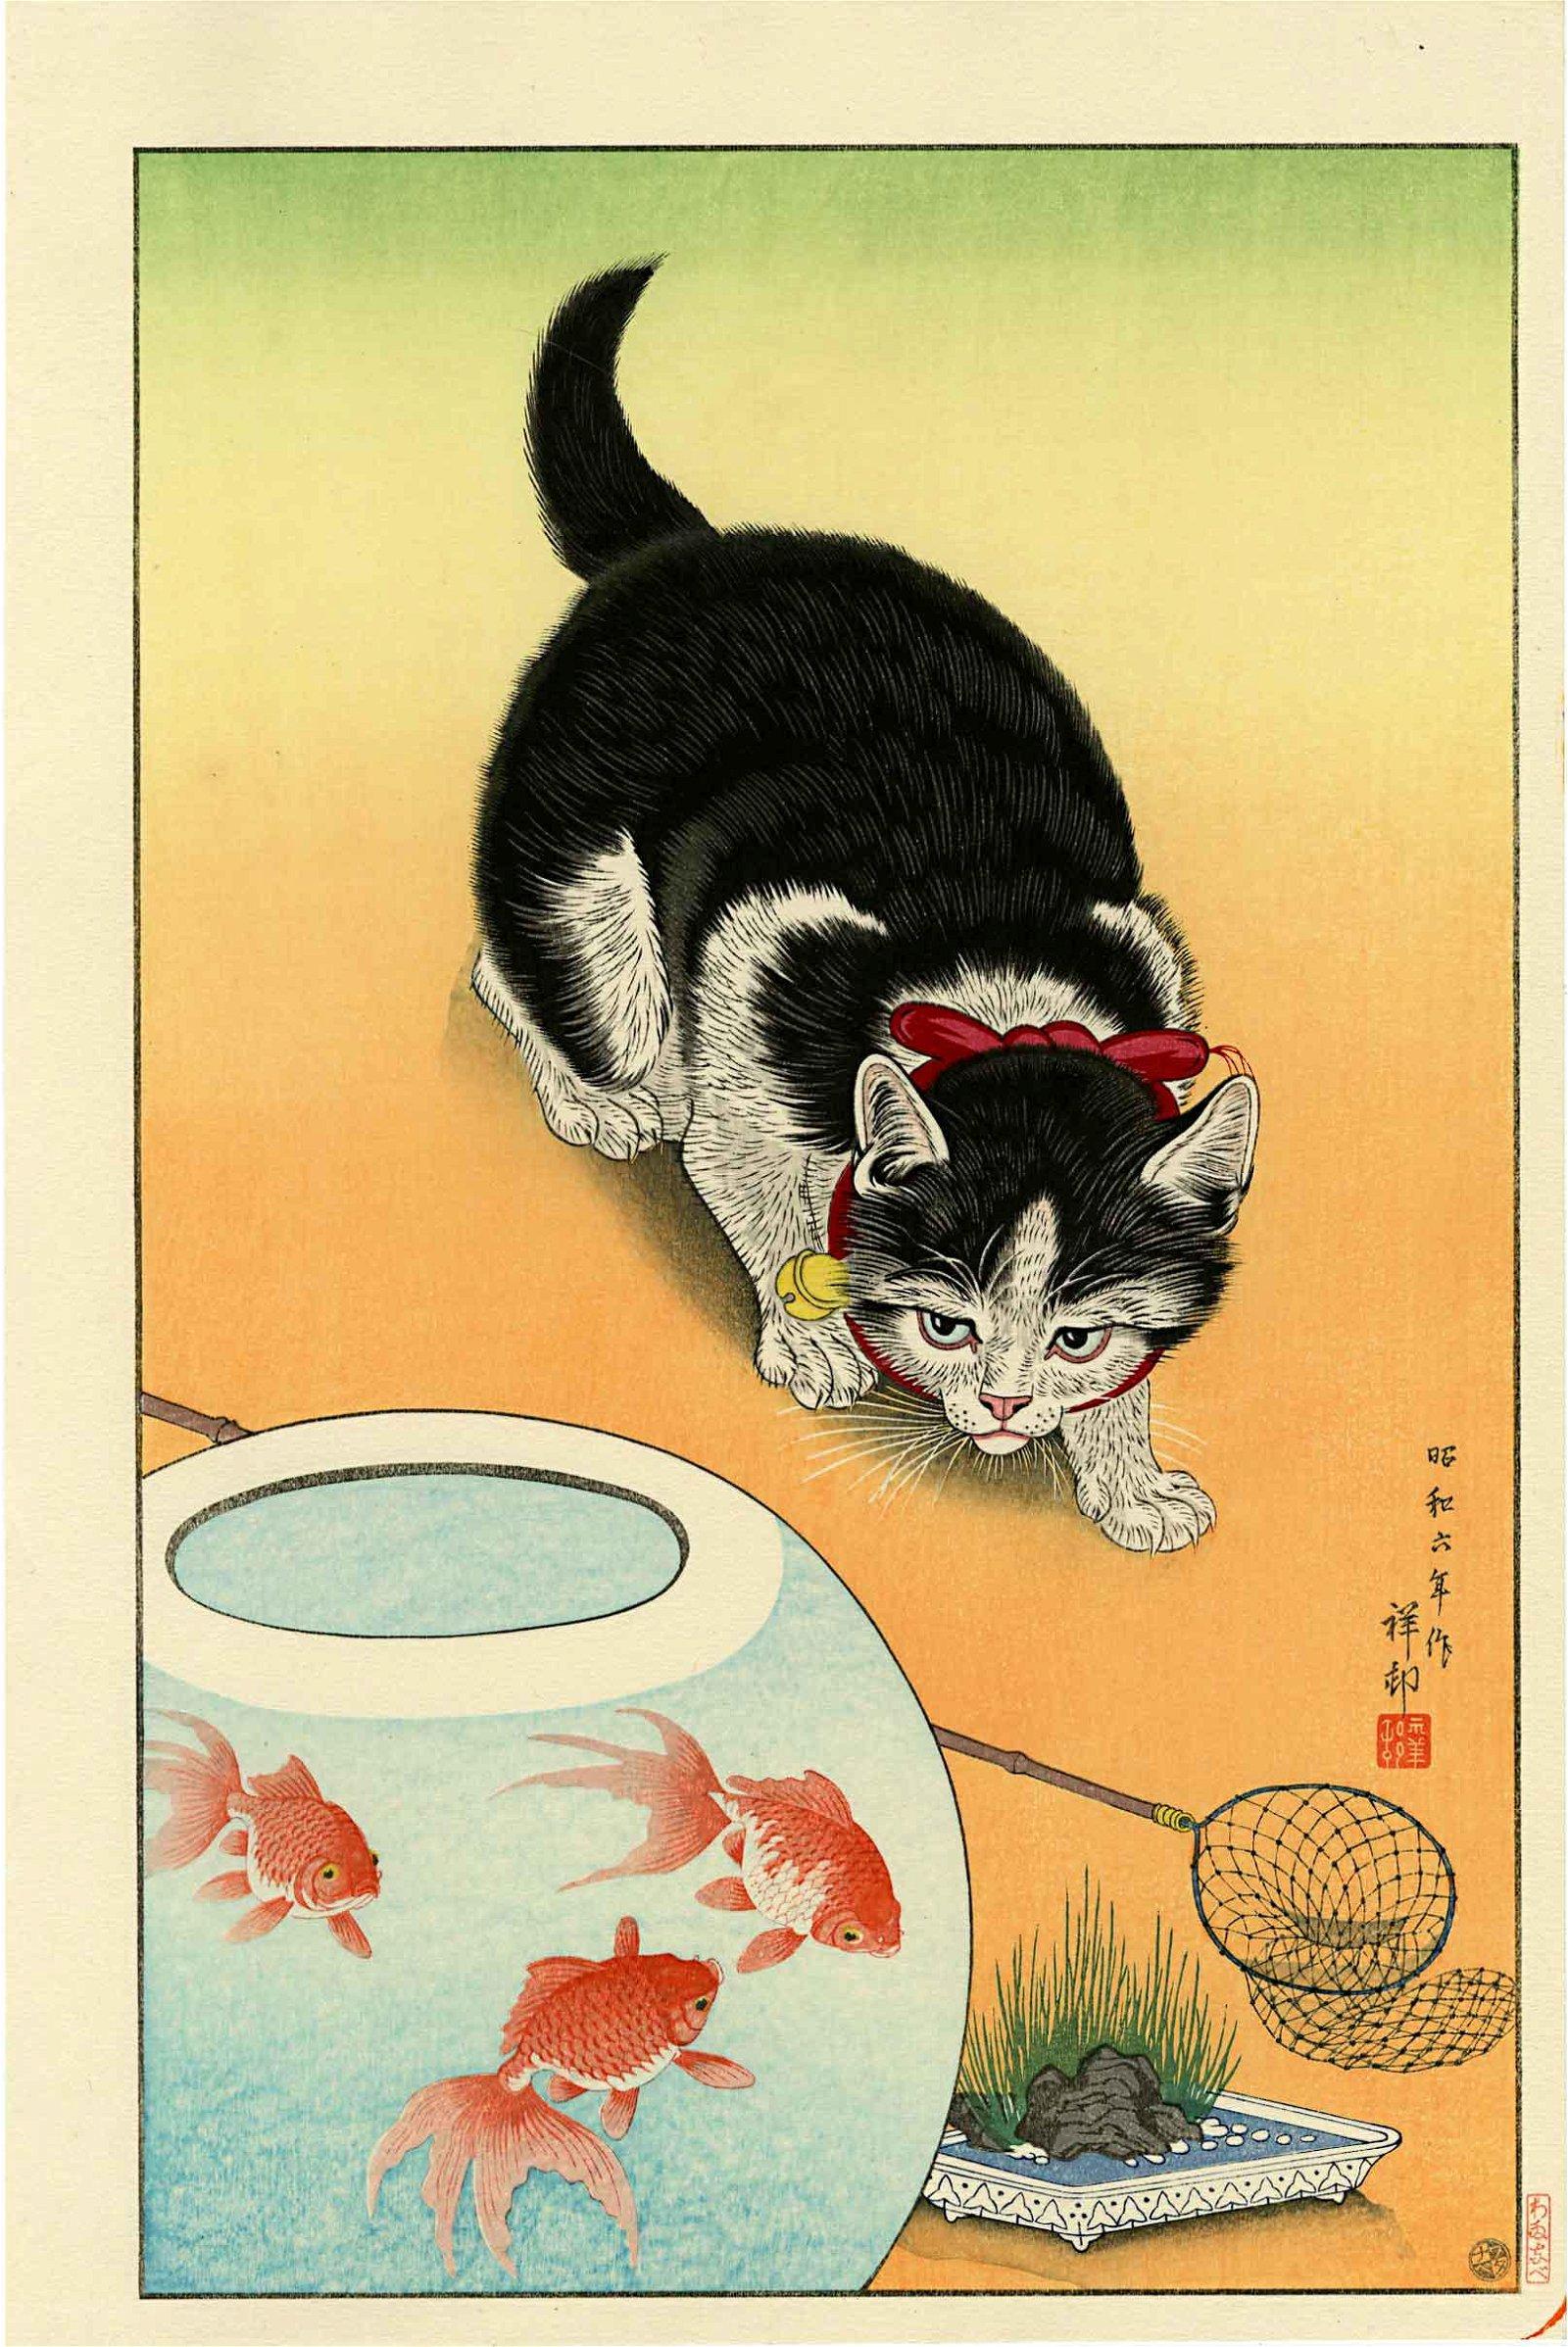 Koson Ohara: Cat and Goldfish 1933 Woodblock